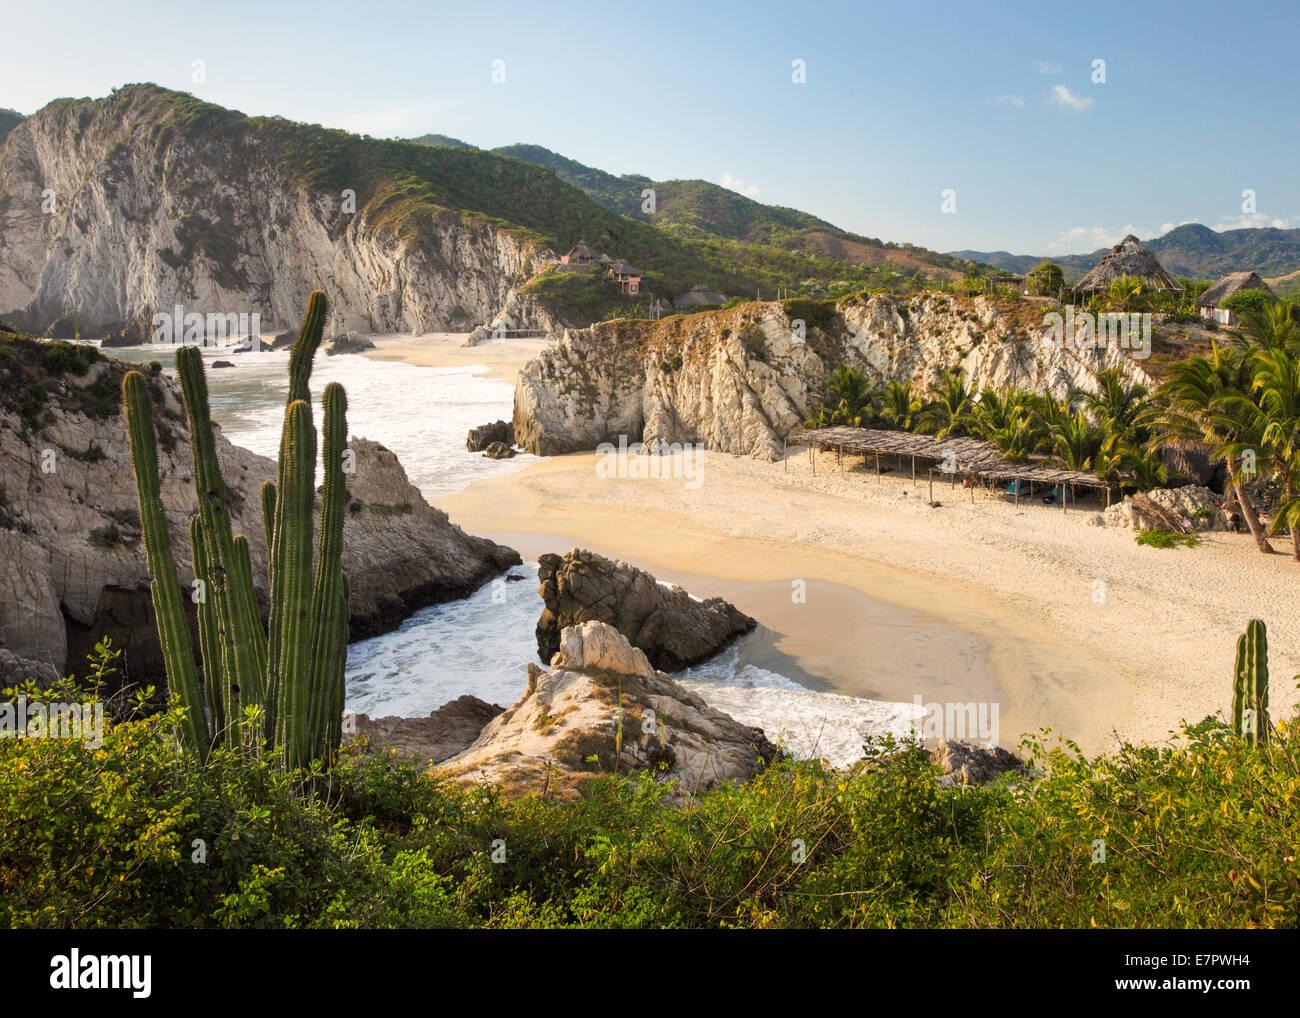 Maruata Beach in Michoacan, Mexico. - Stock Image